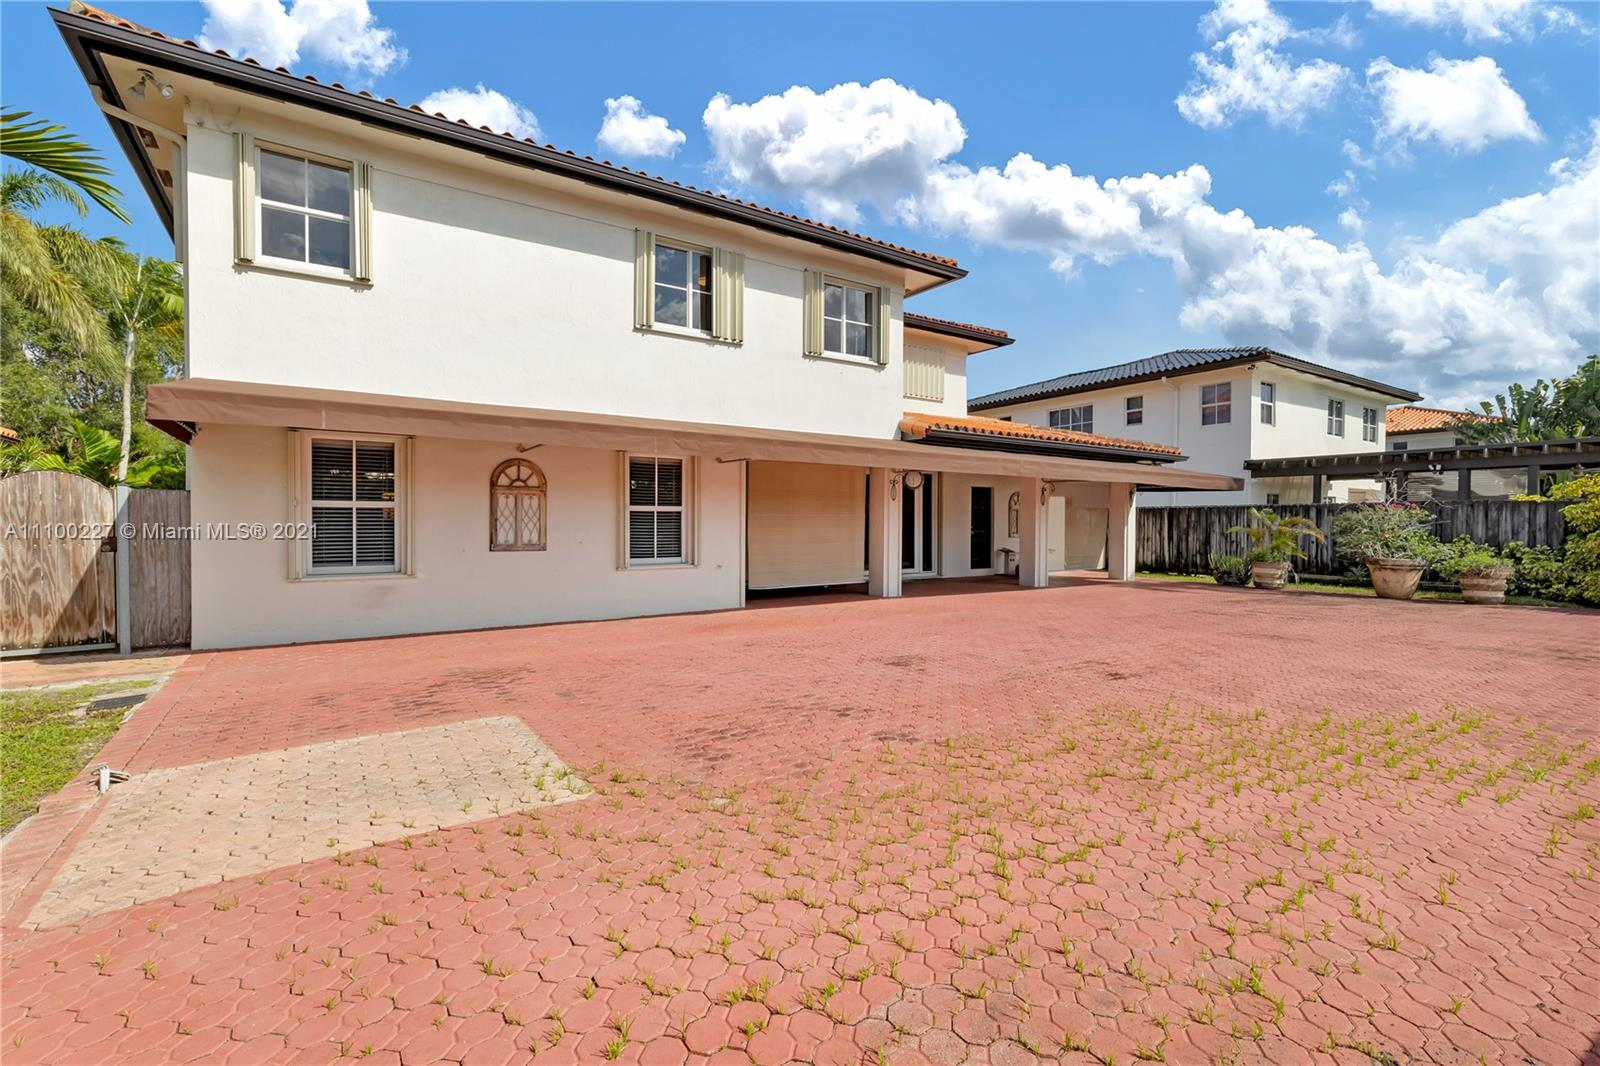 601 S Mashta Dr Property Photo 1